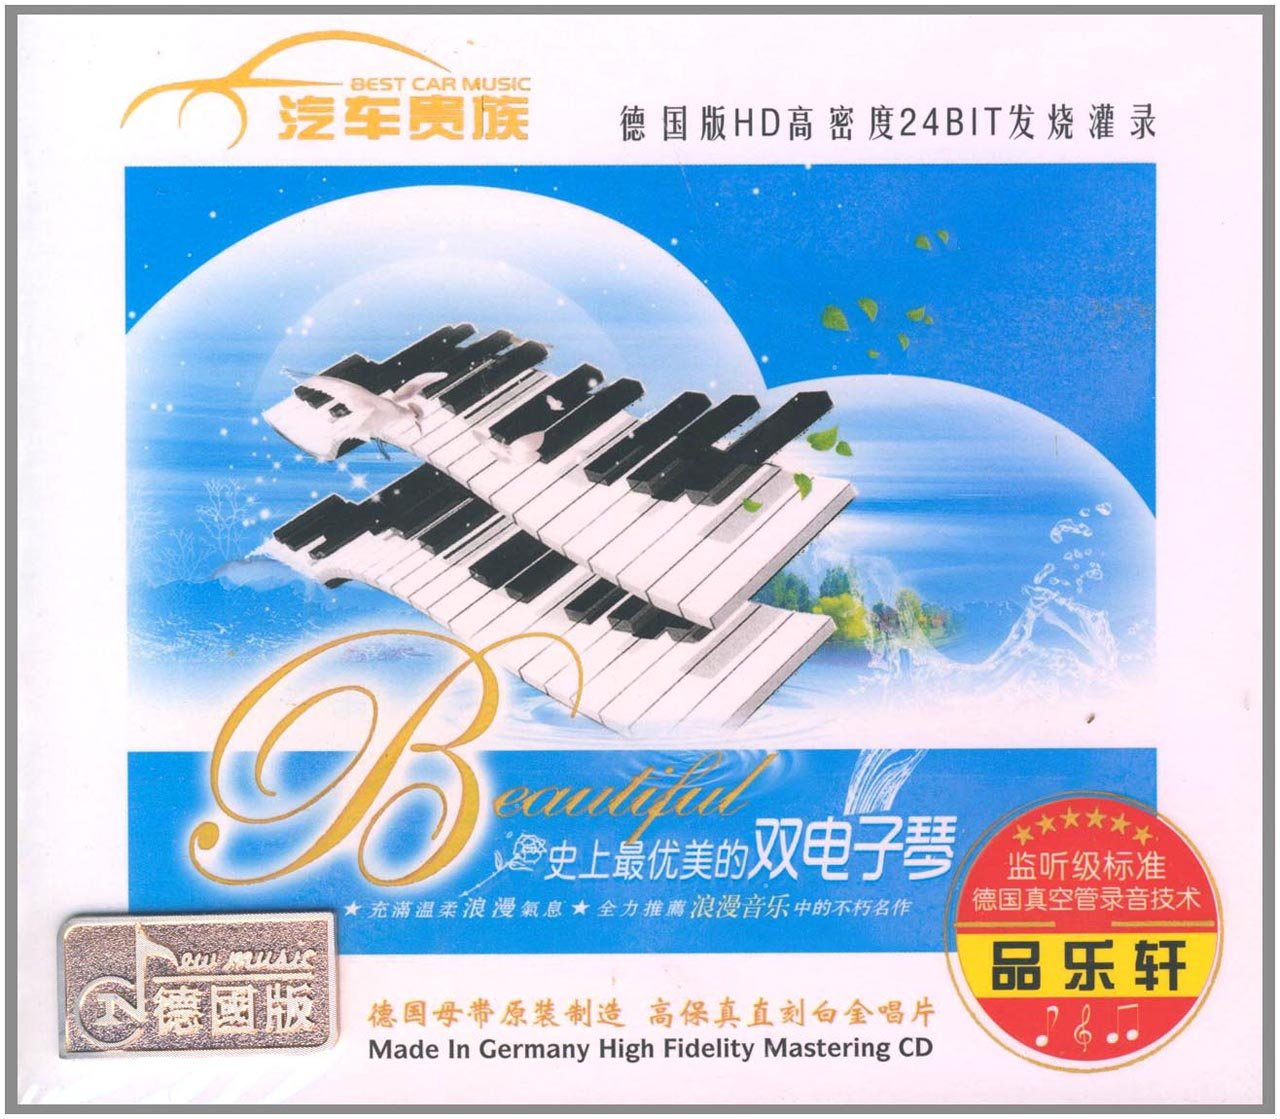 史上最优美的双电子琴(3cd)图片